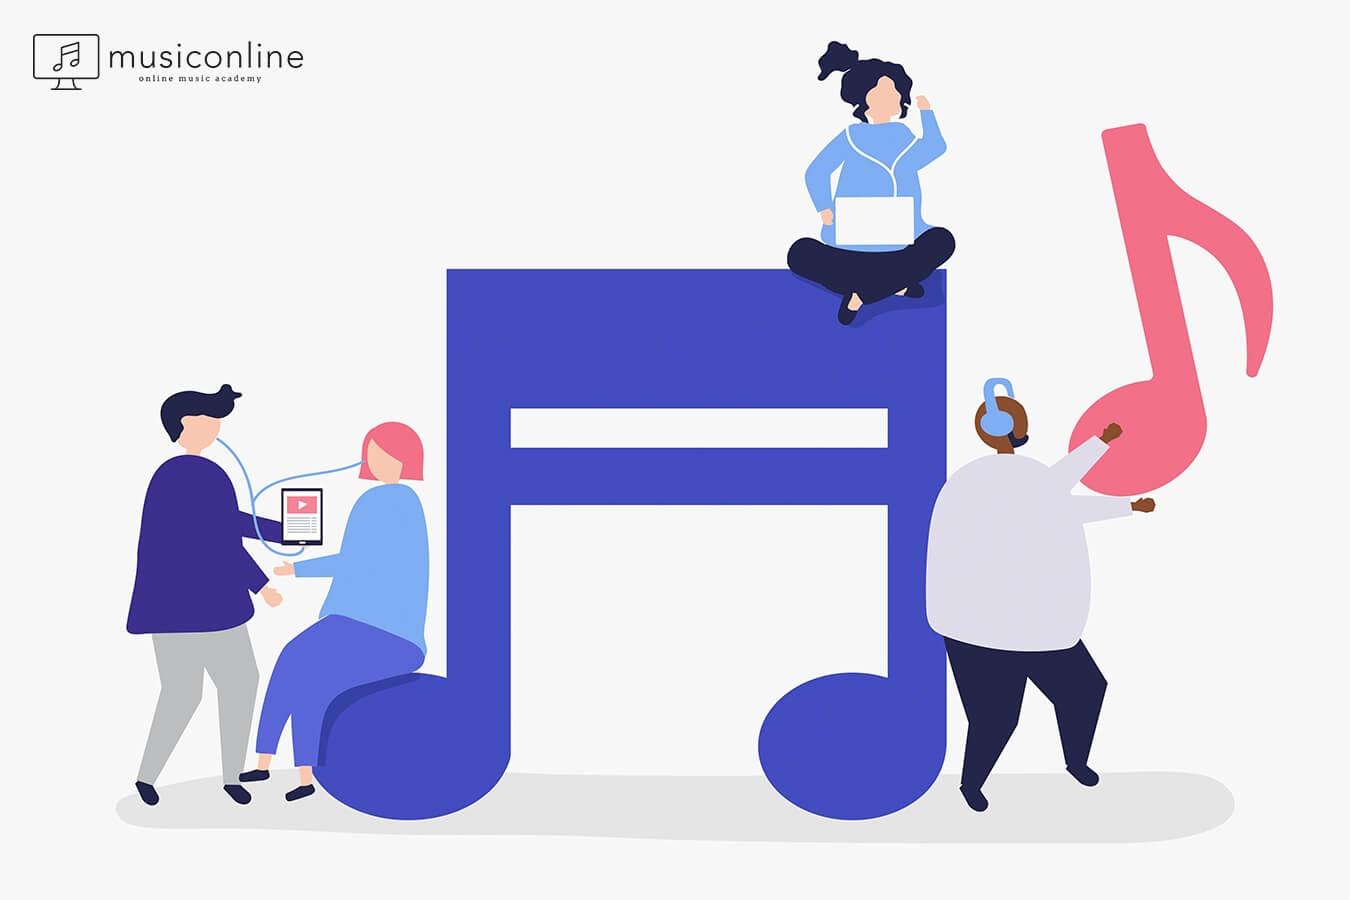 En İyi Müzik Uygulamaları